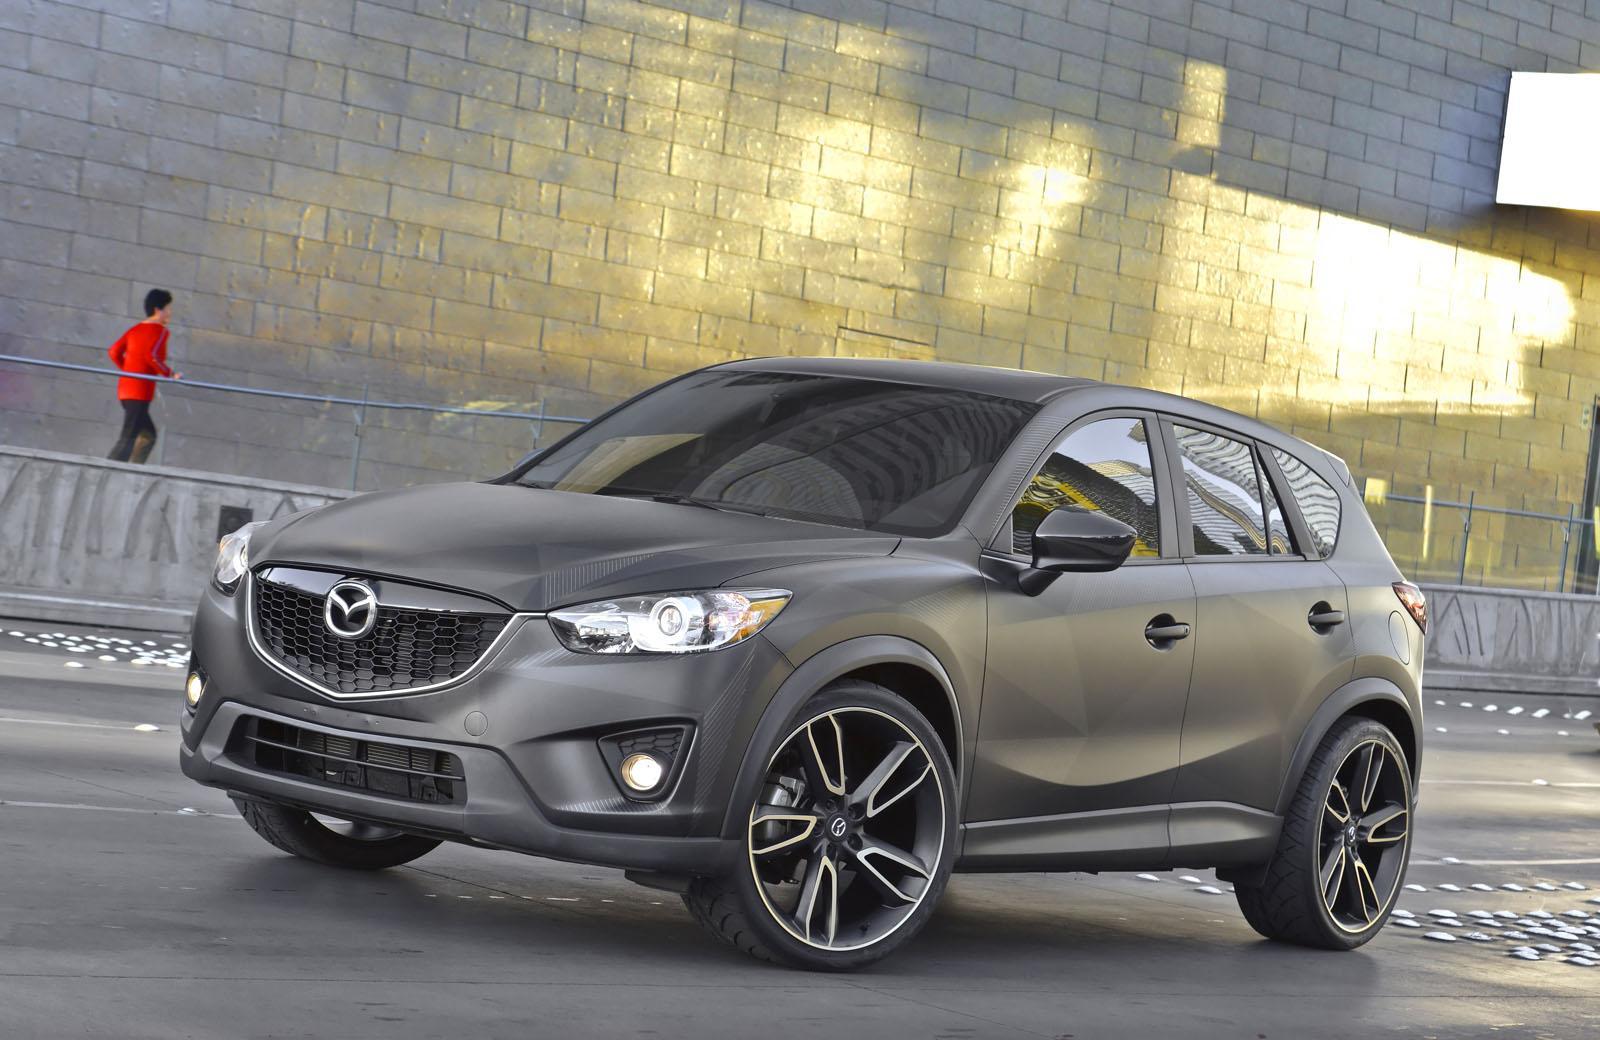 Mazda Cx 5 Urban Presented At 2012 Sema Autoevolution